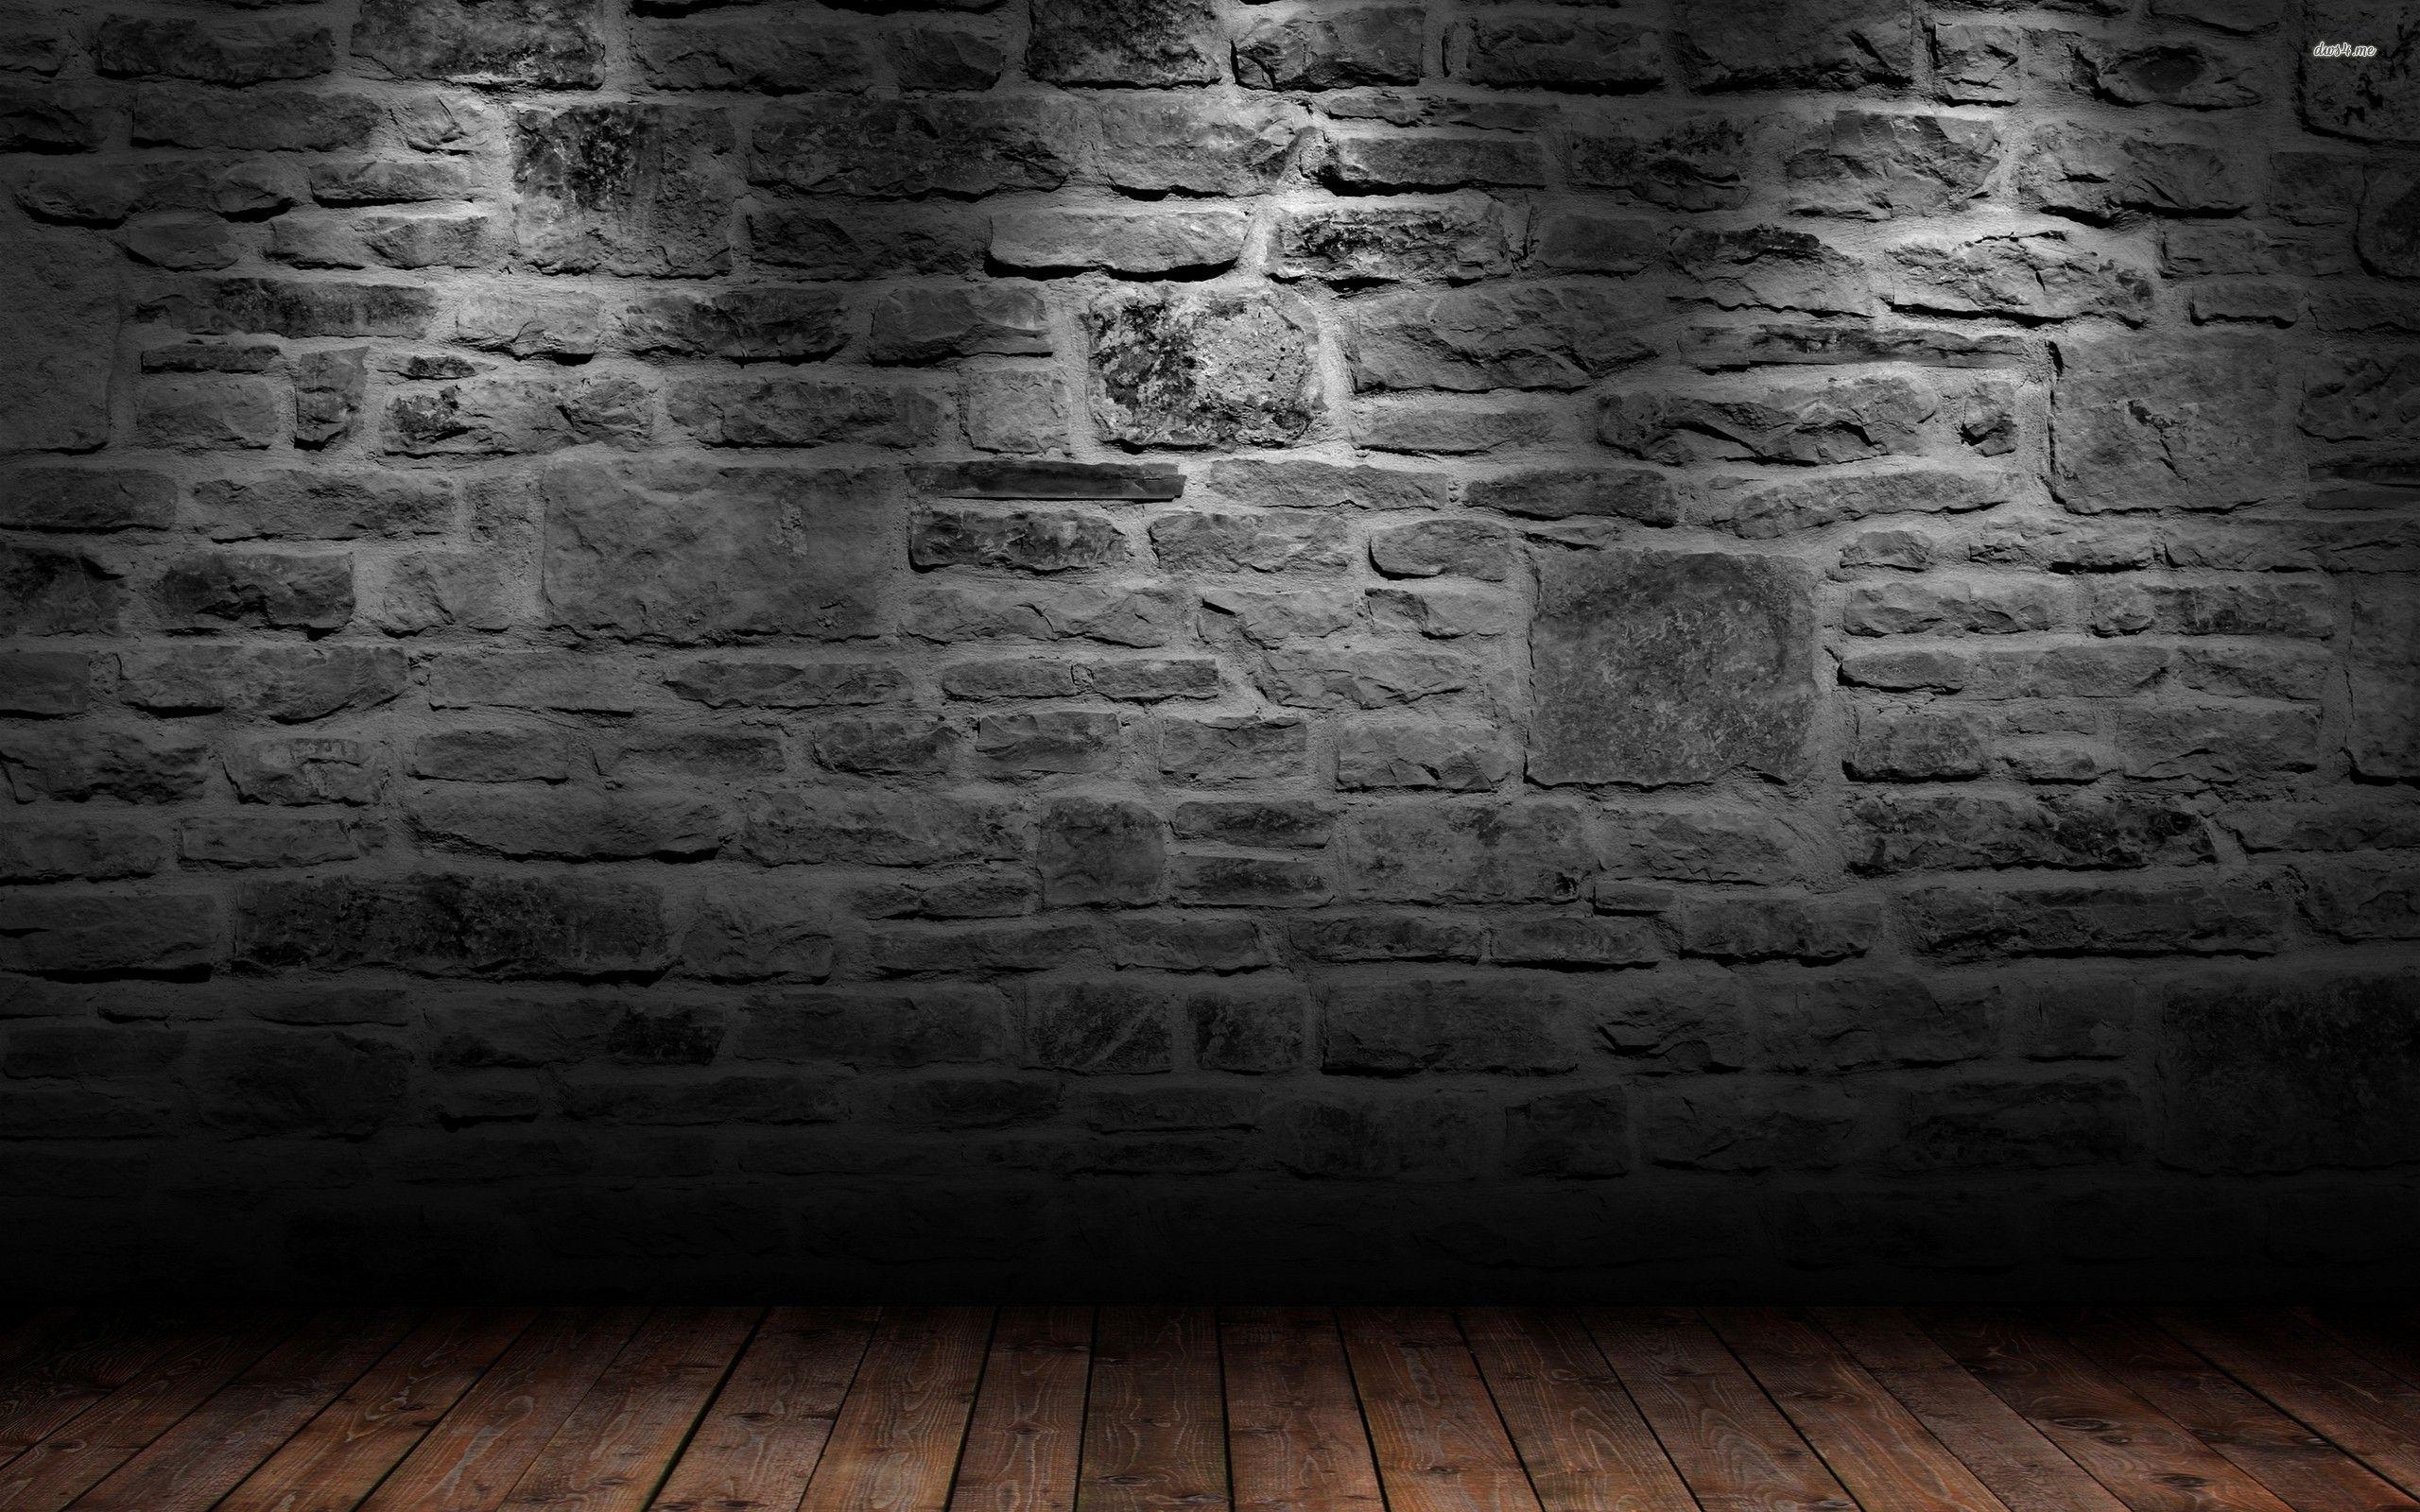 Brick wall and wood floor HD wallpaper Brick wall